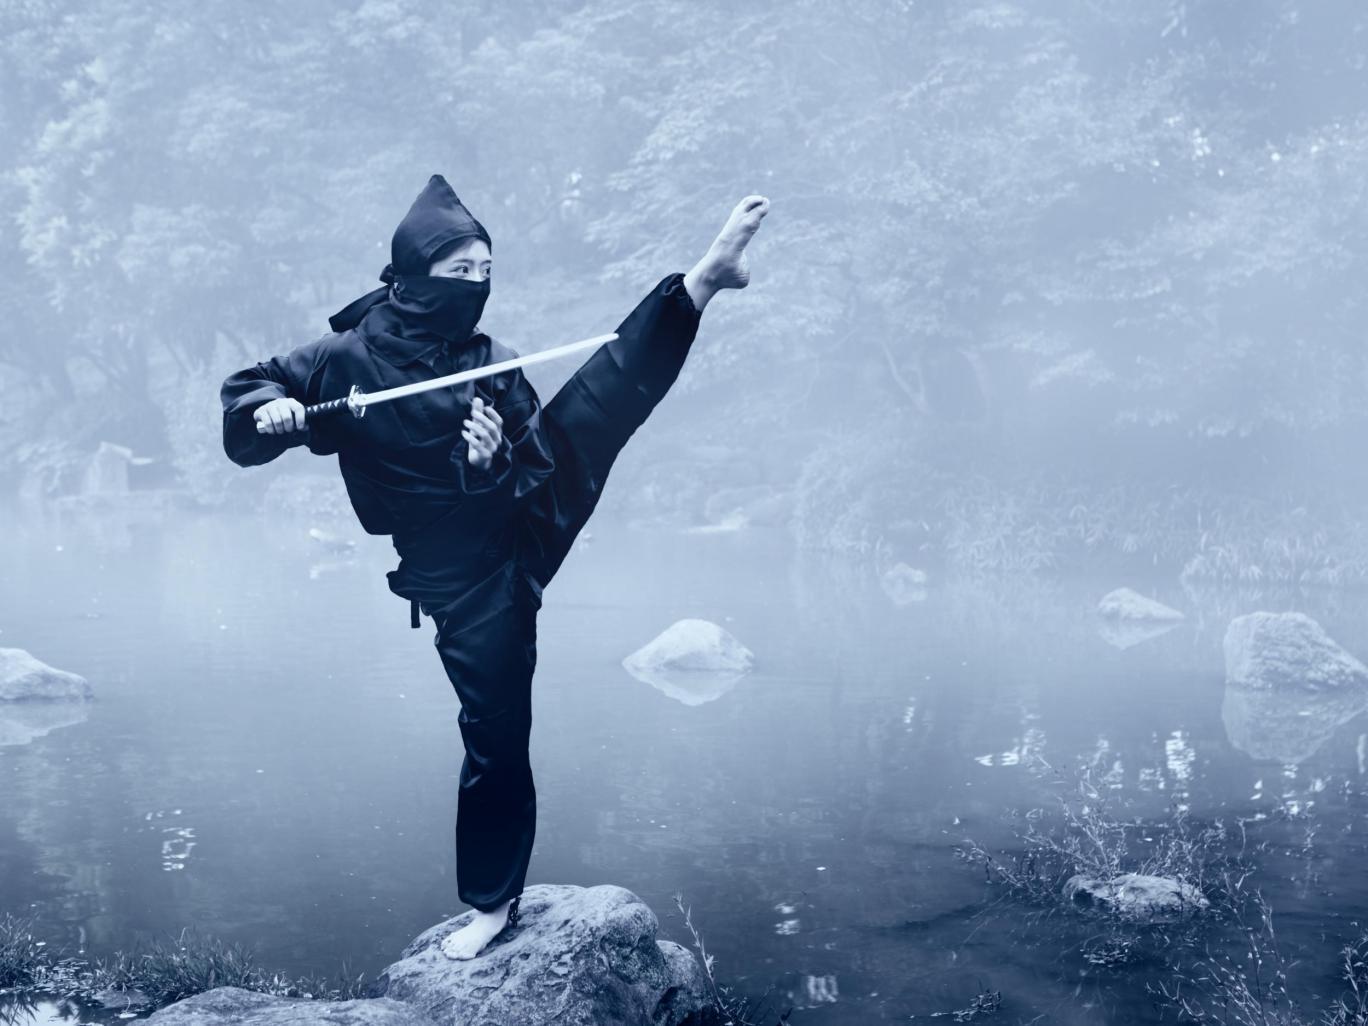 Nhật Bản đang thiếu ninja trầm trọng - 1